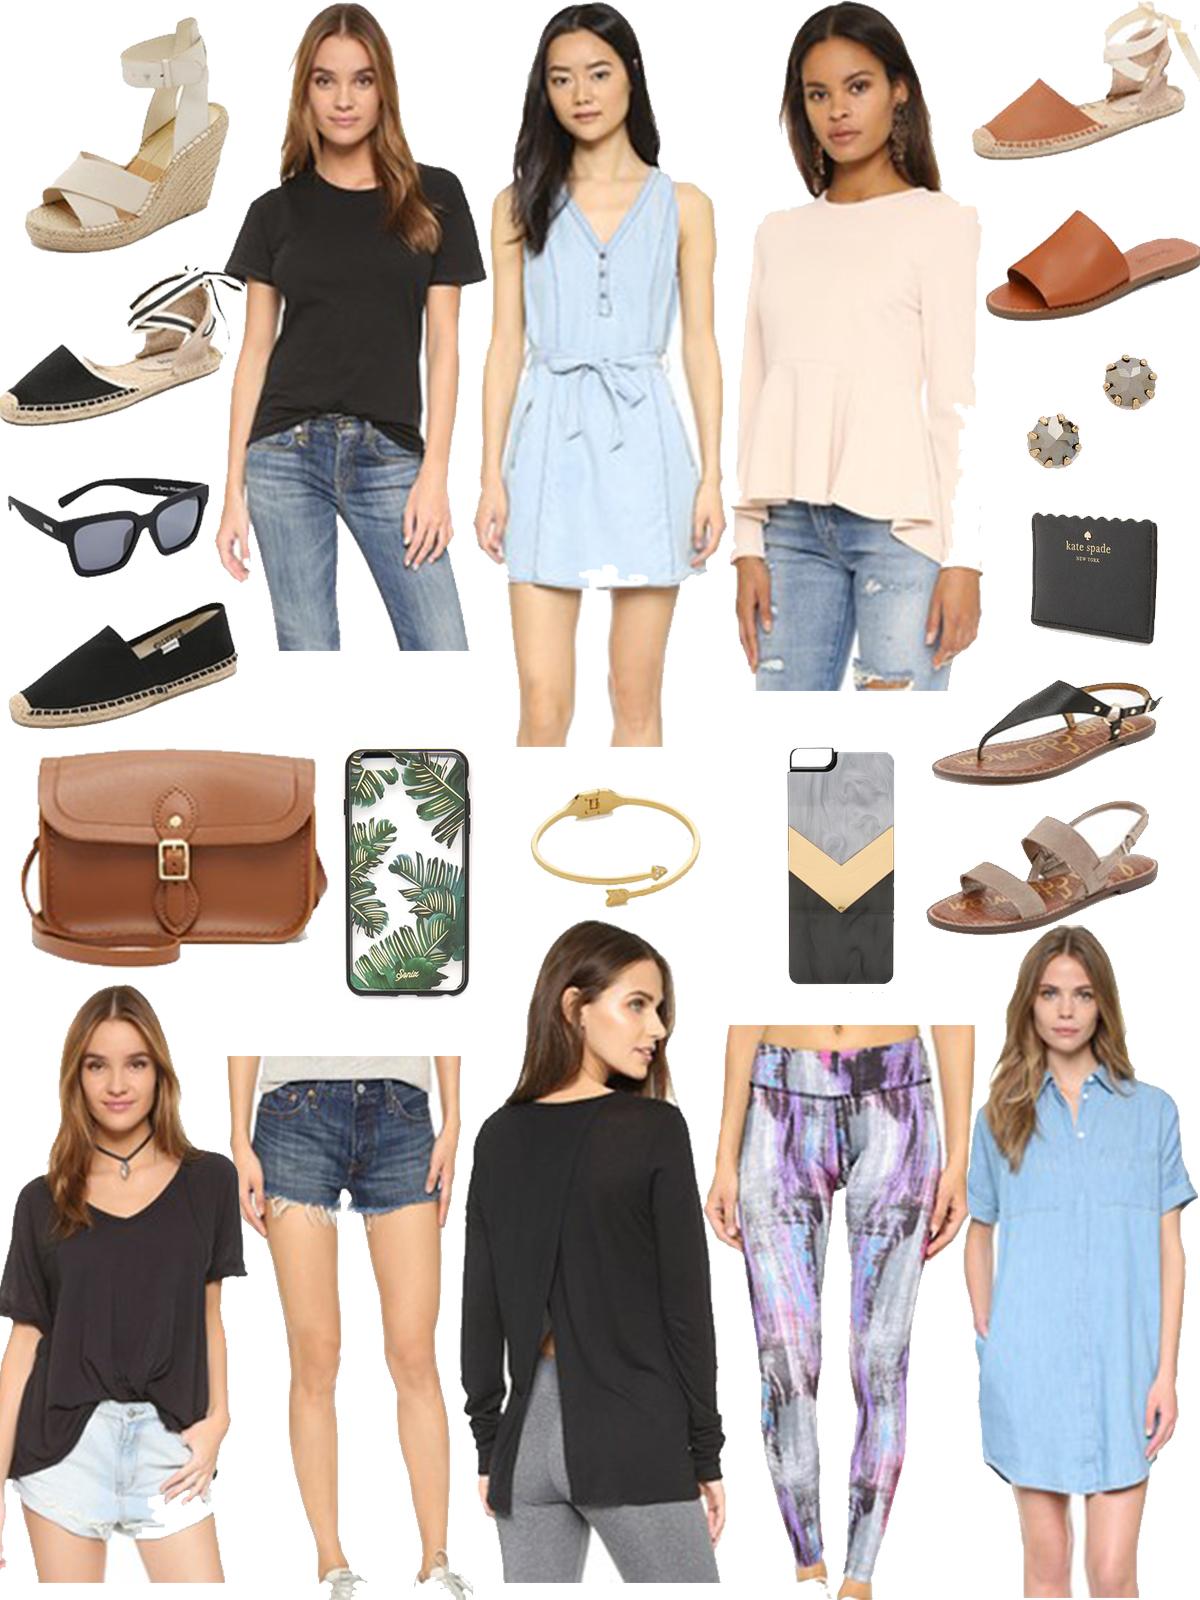 Shopbop Sale – Finds Under $100